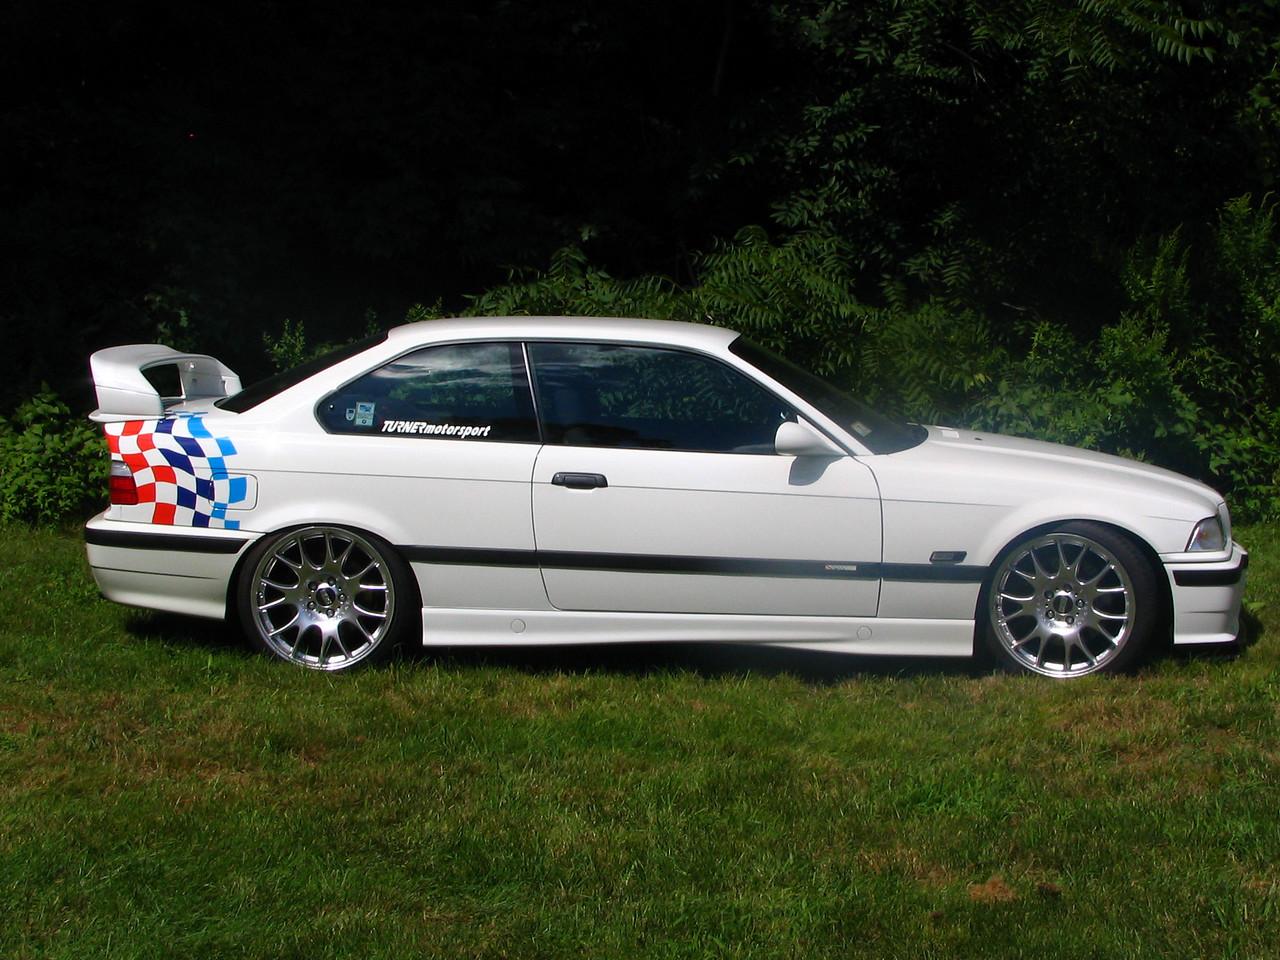 E36 M3 Lightweight